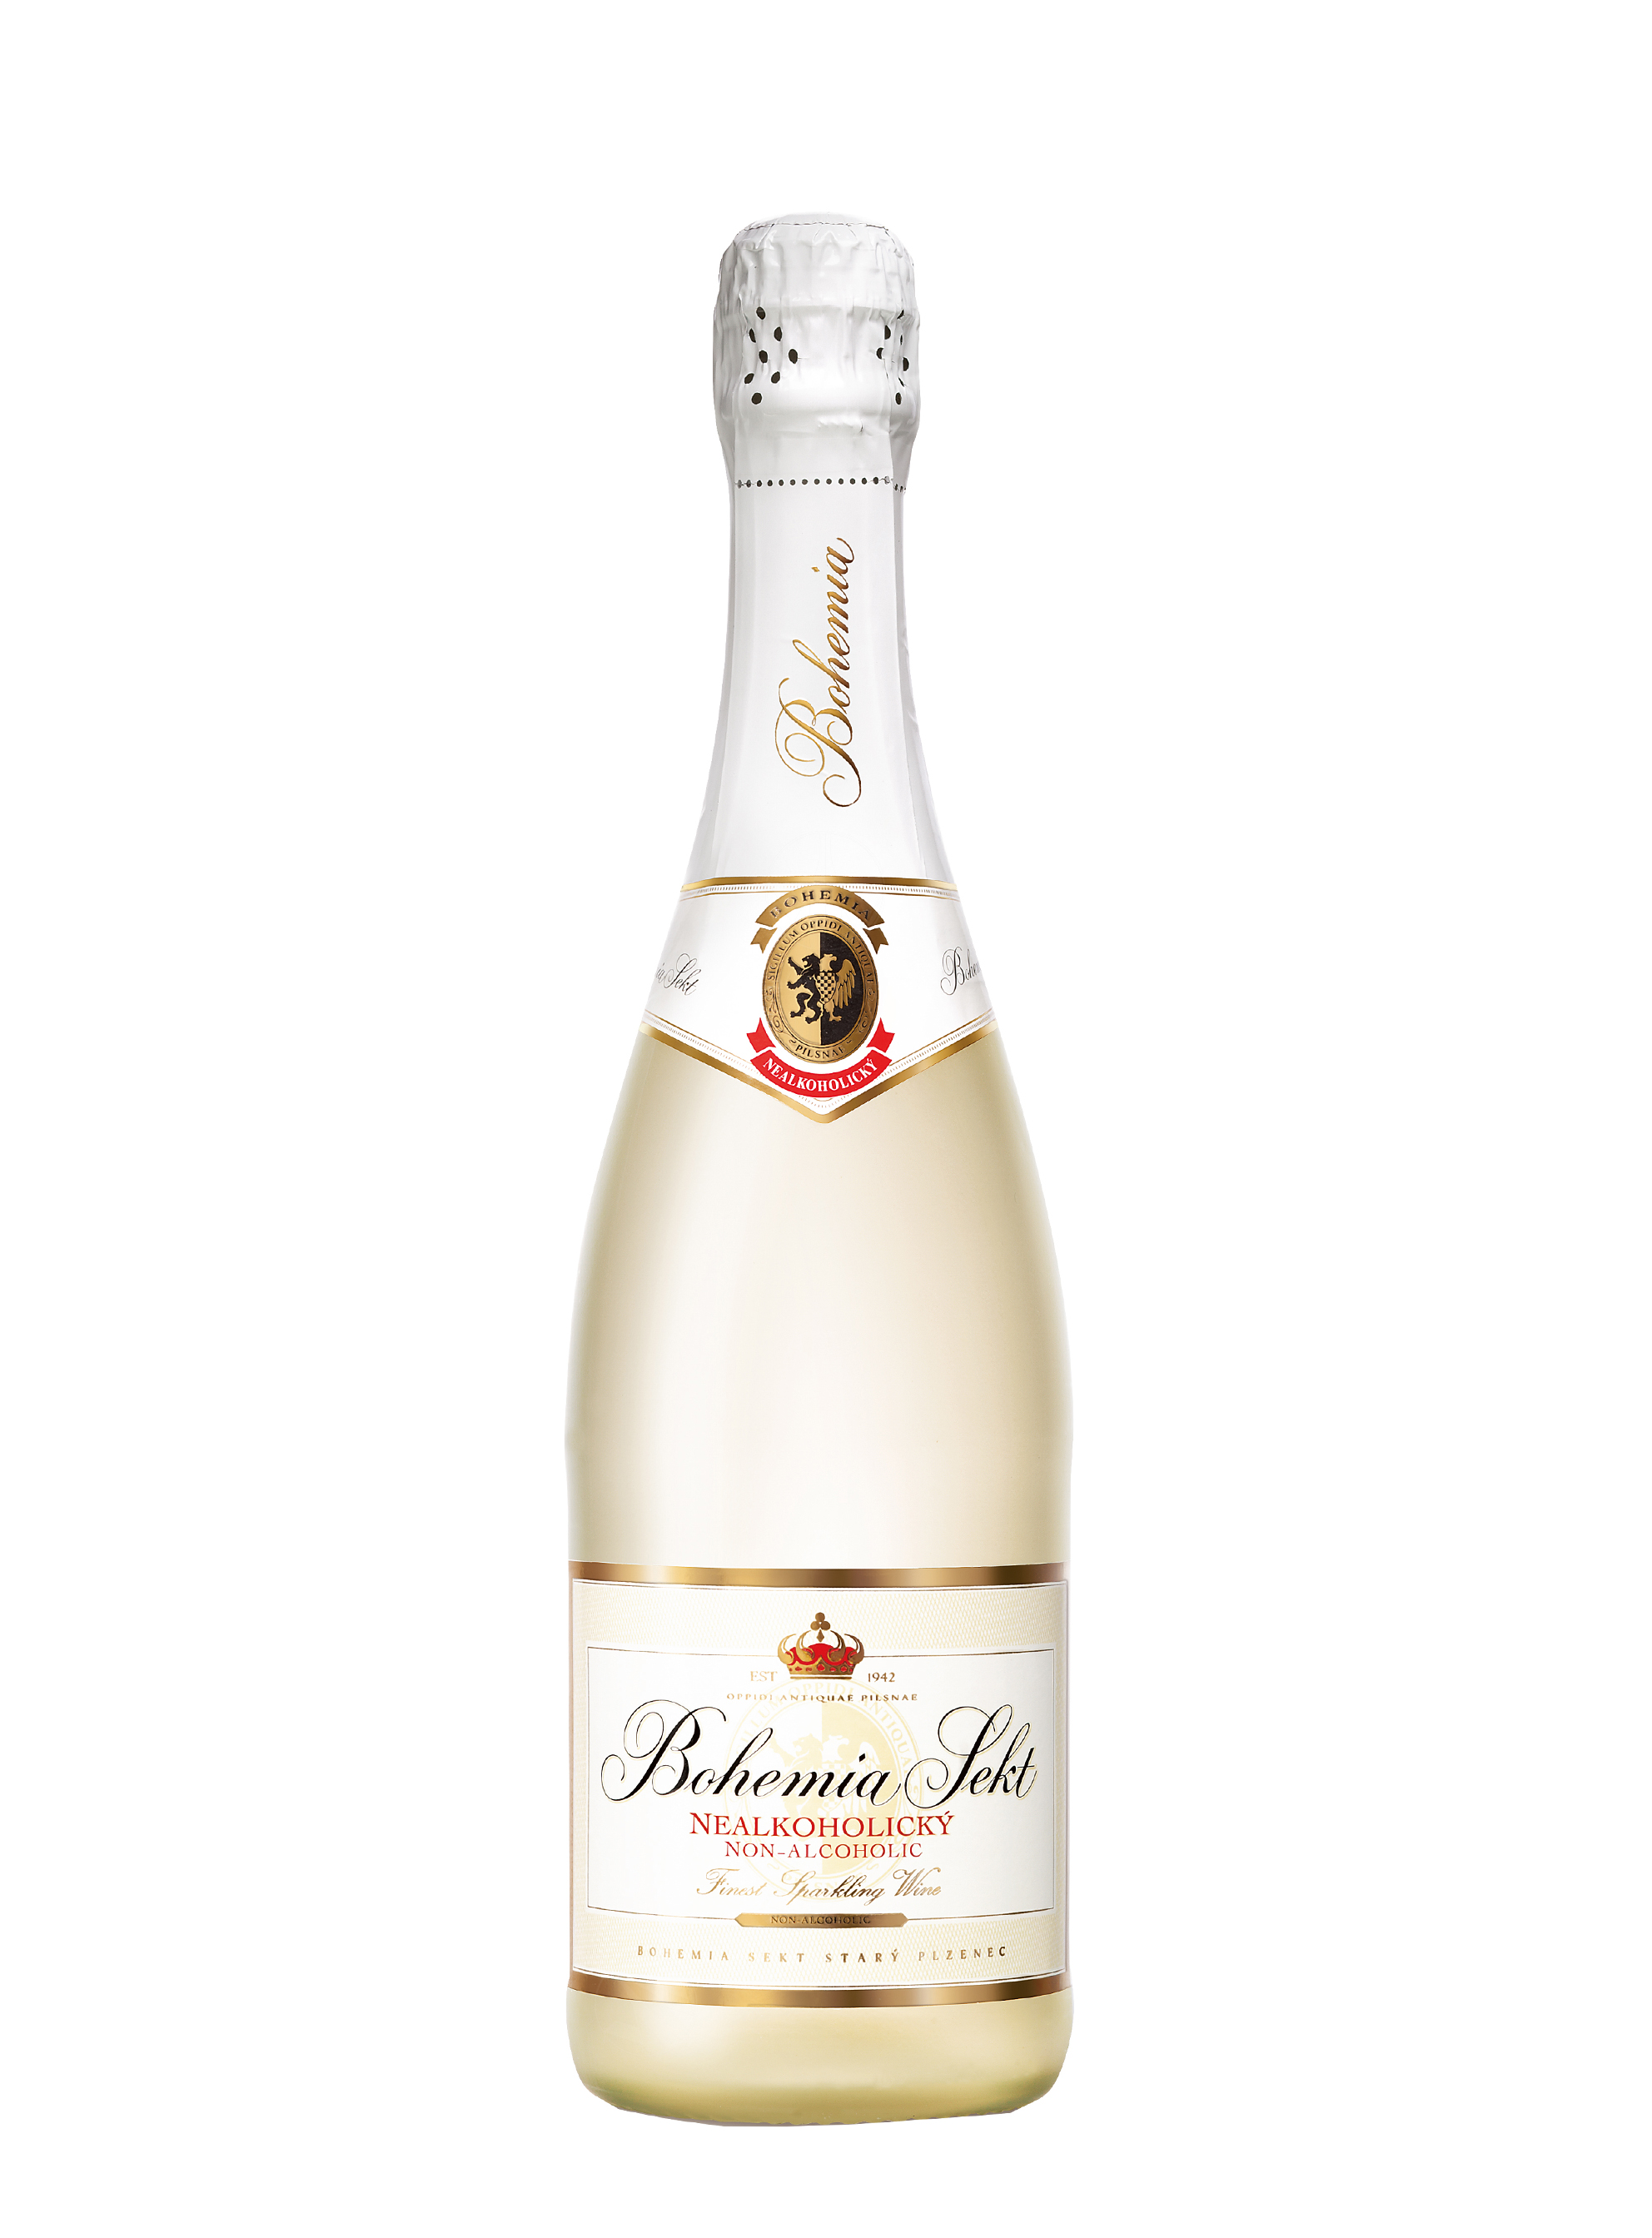 Cuvée, Nealkoholické víno, Bohemia sekt, 0.75 l